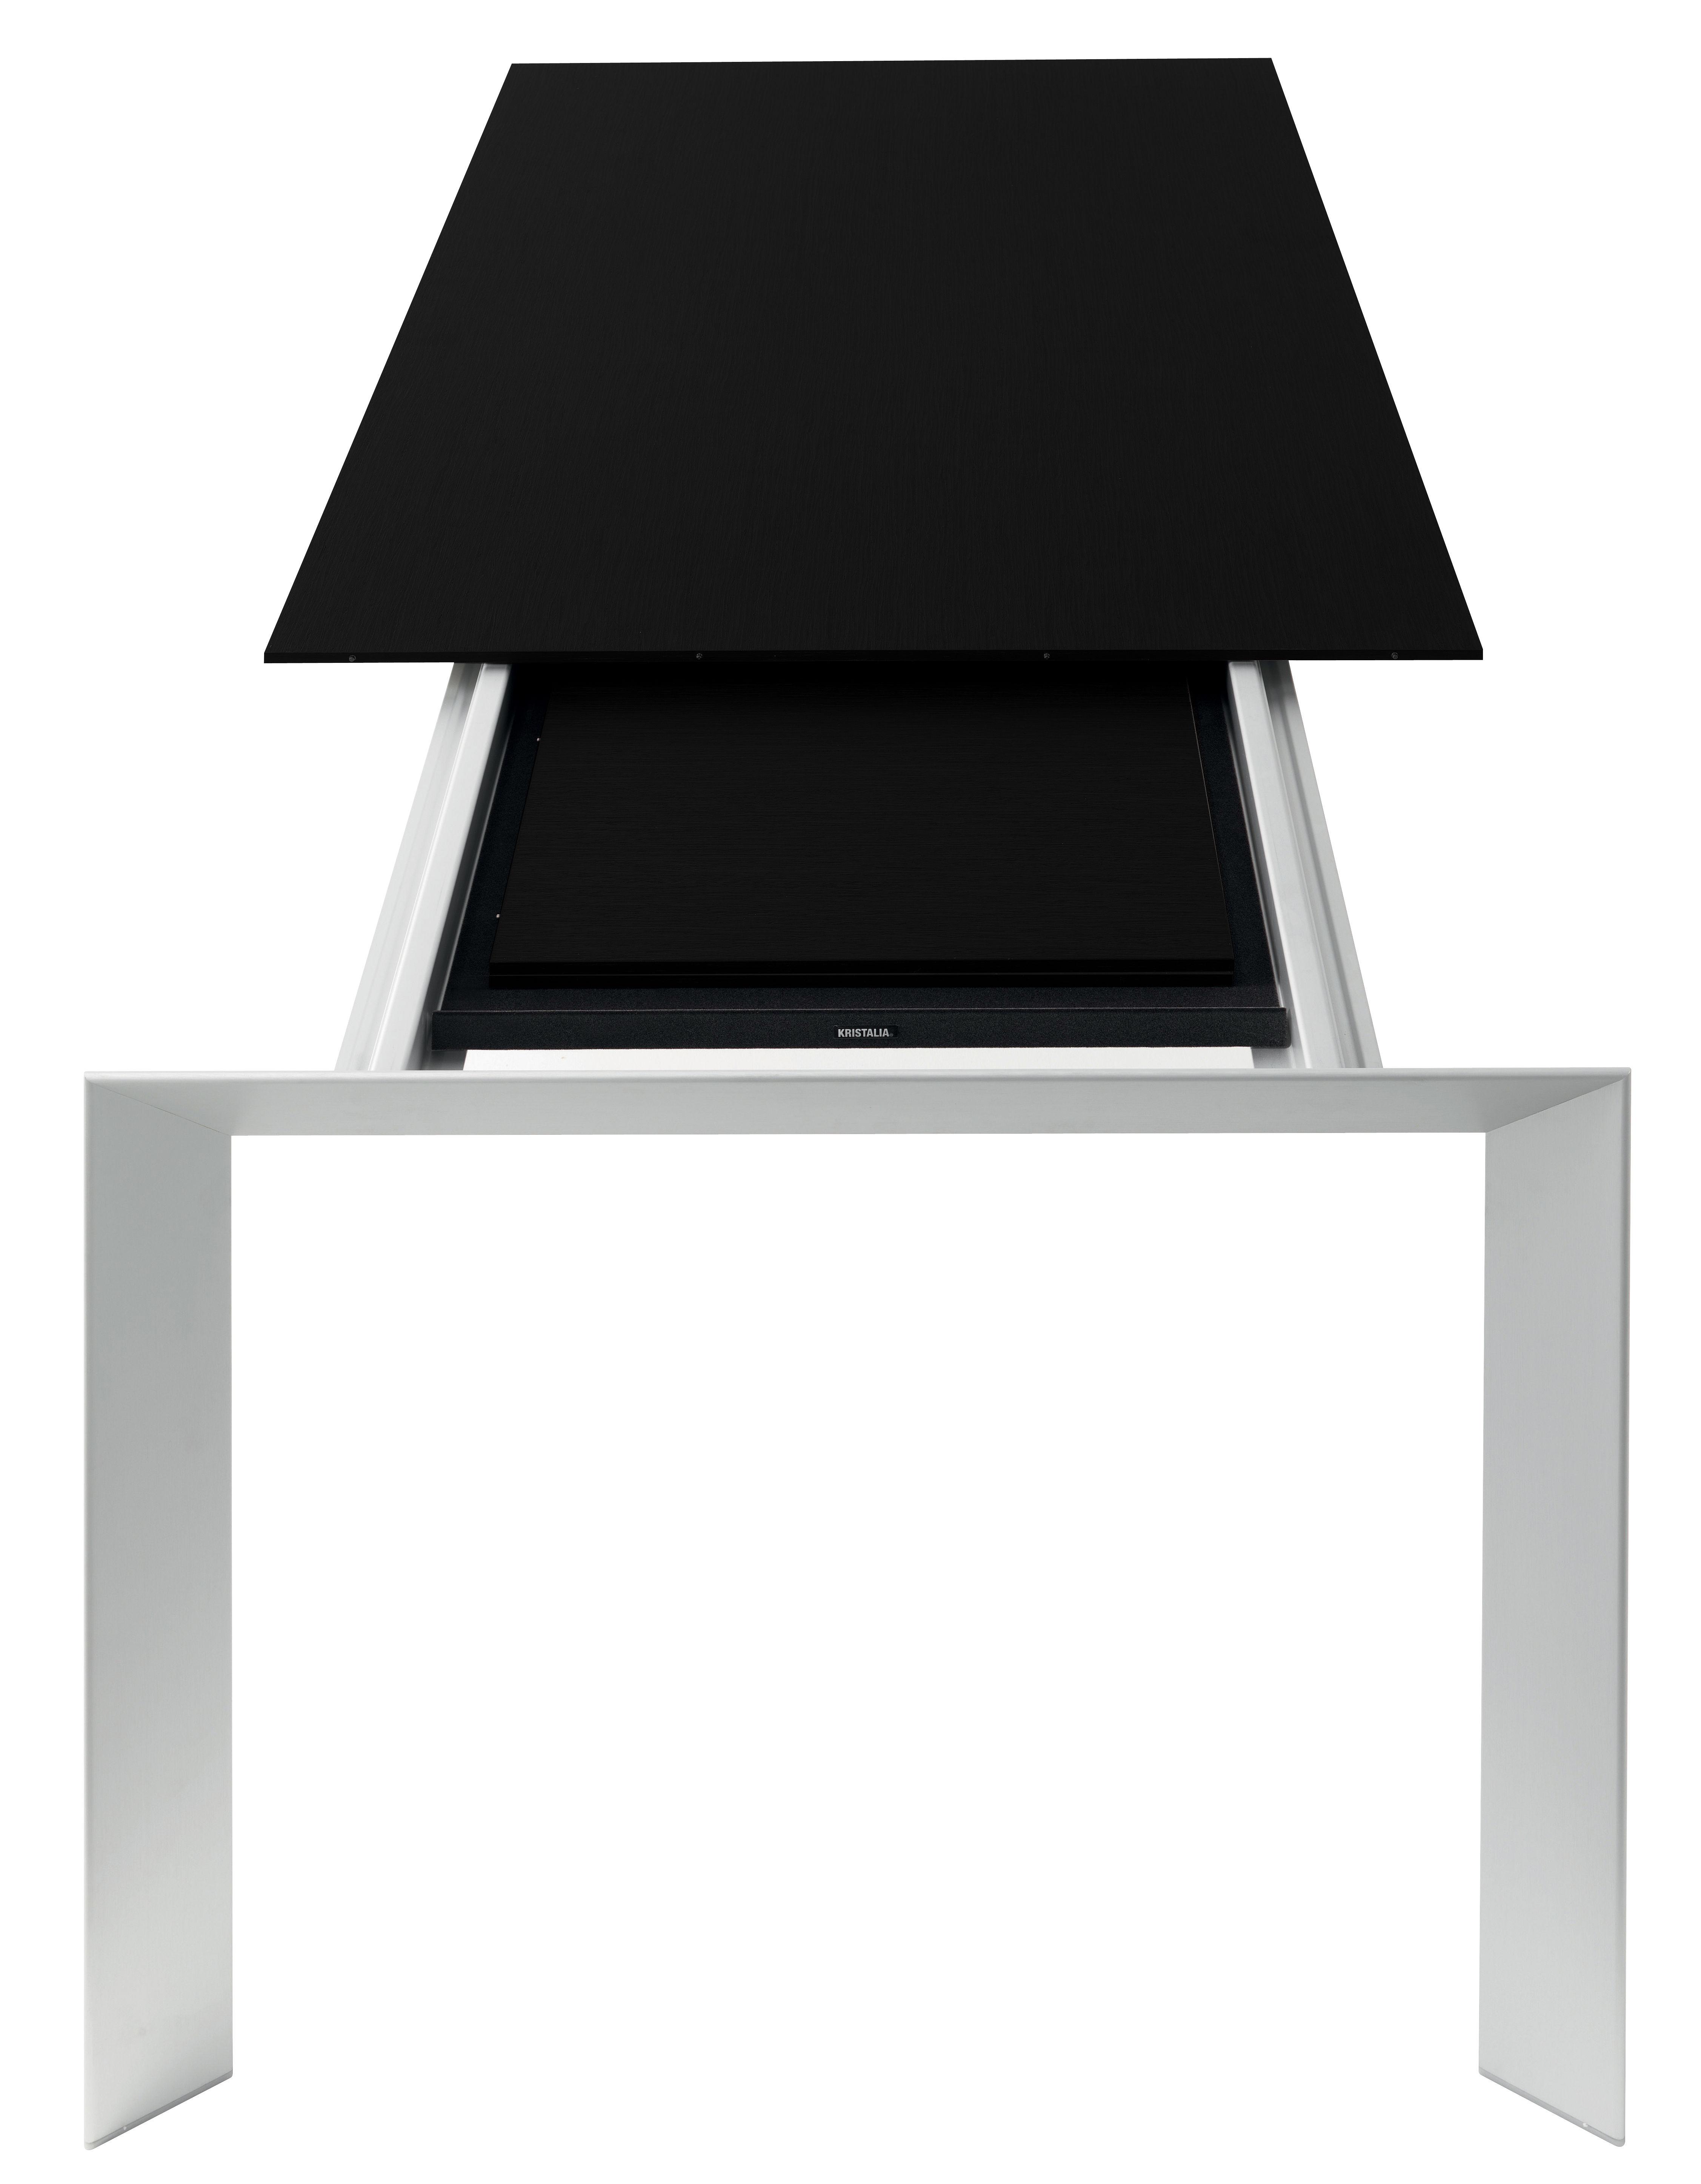 Mobilier - Tables - Table à rallonge Nori / L 139 à 214 cm - Kristalia - Noir / Pieds aluminium - Aluminium anodisé, Laminé stratifié